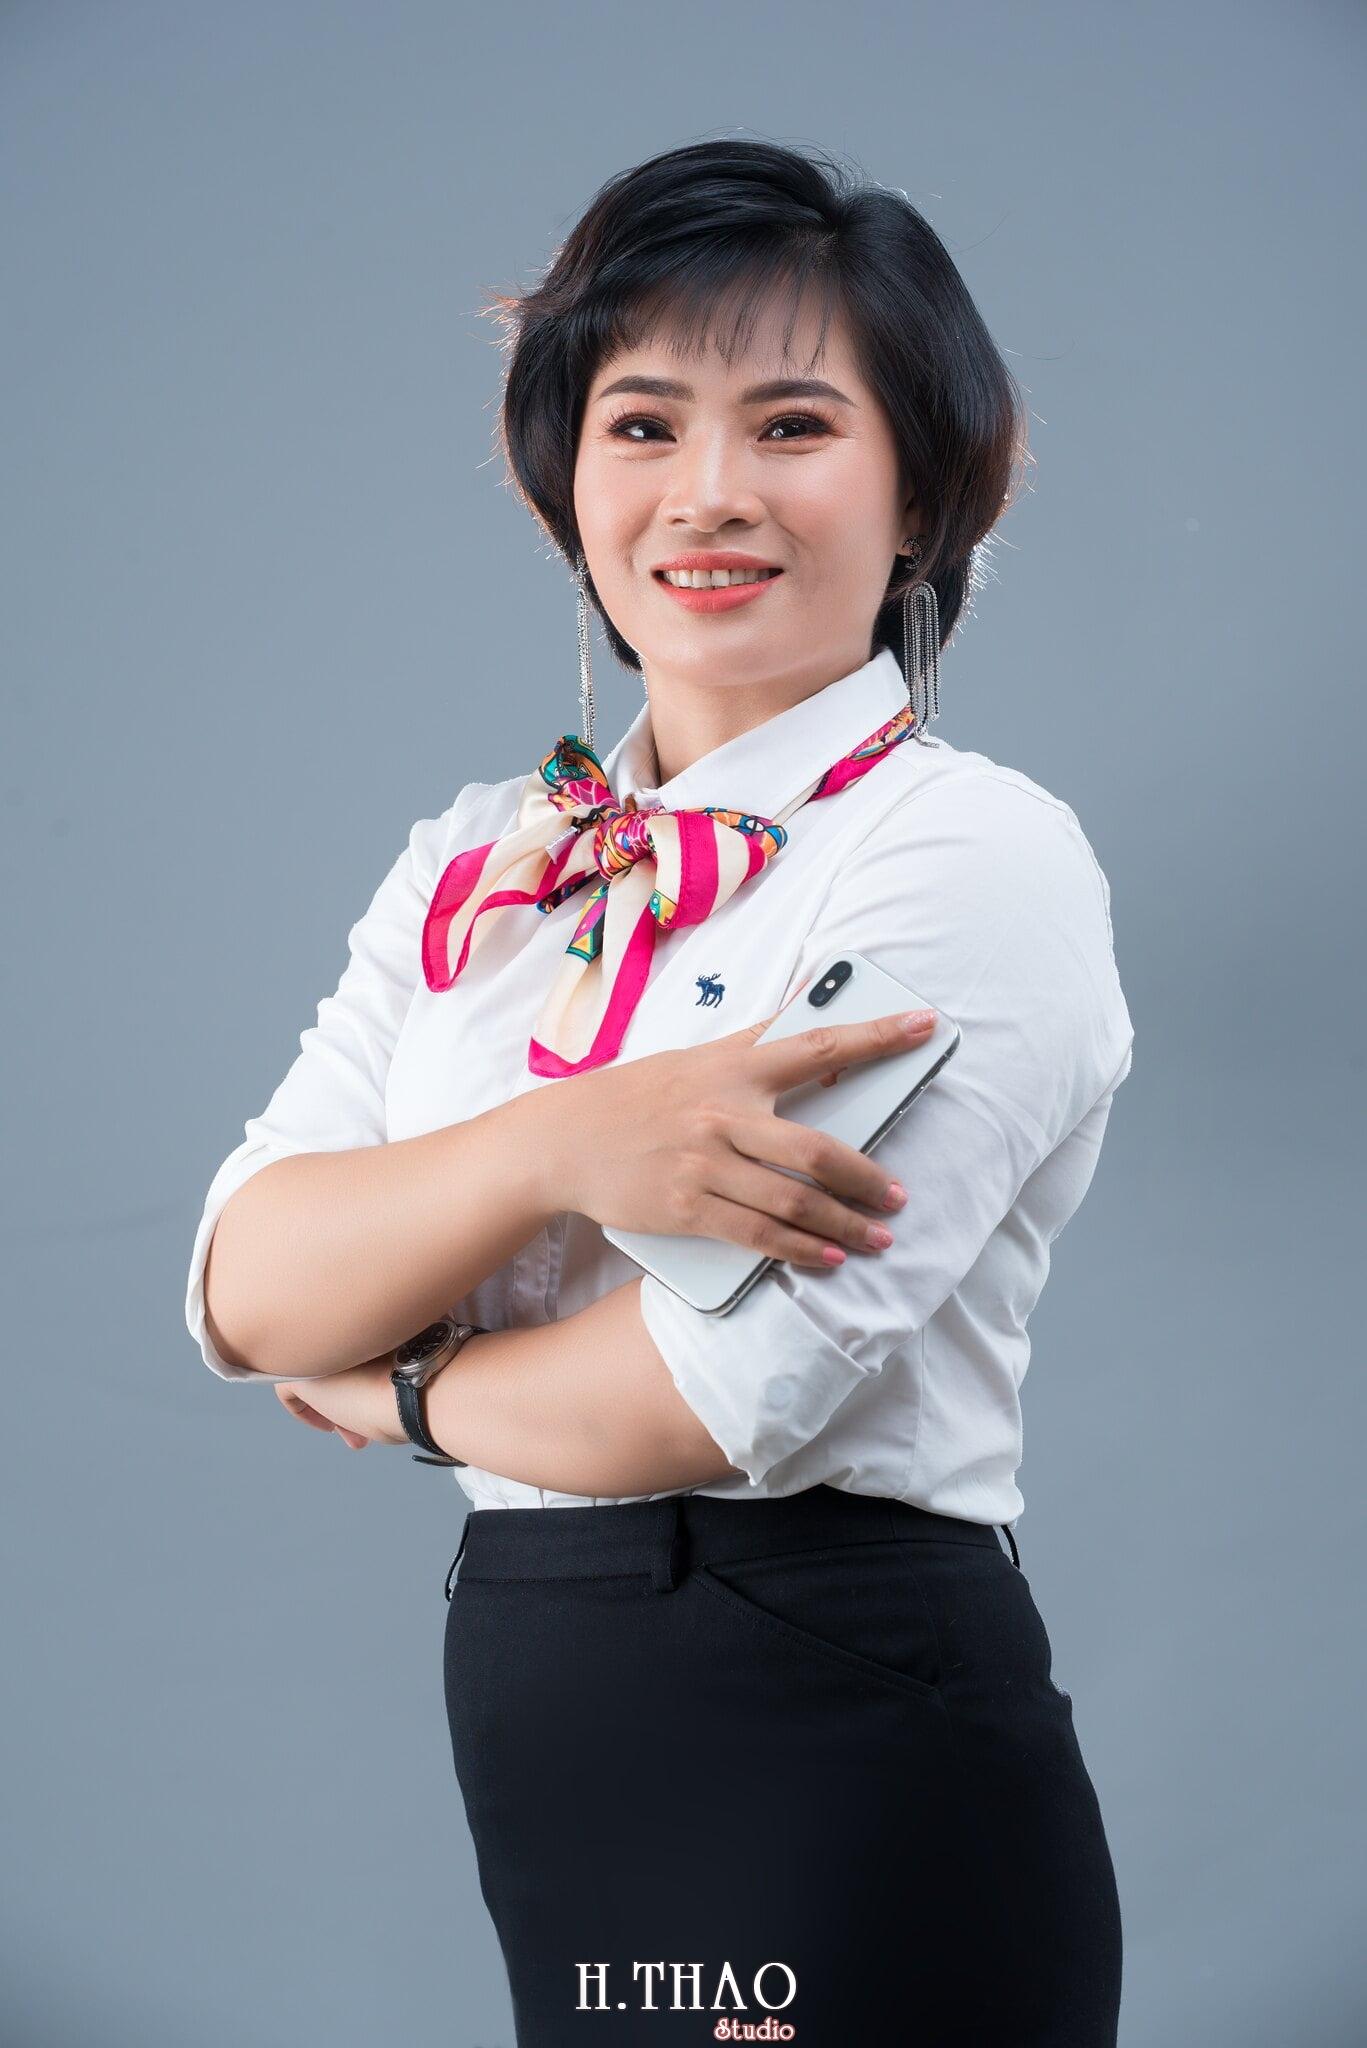 cong ty manulife 13 min - Album ảnh profile cá nhân chị Ny Manulife - HThao Studio